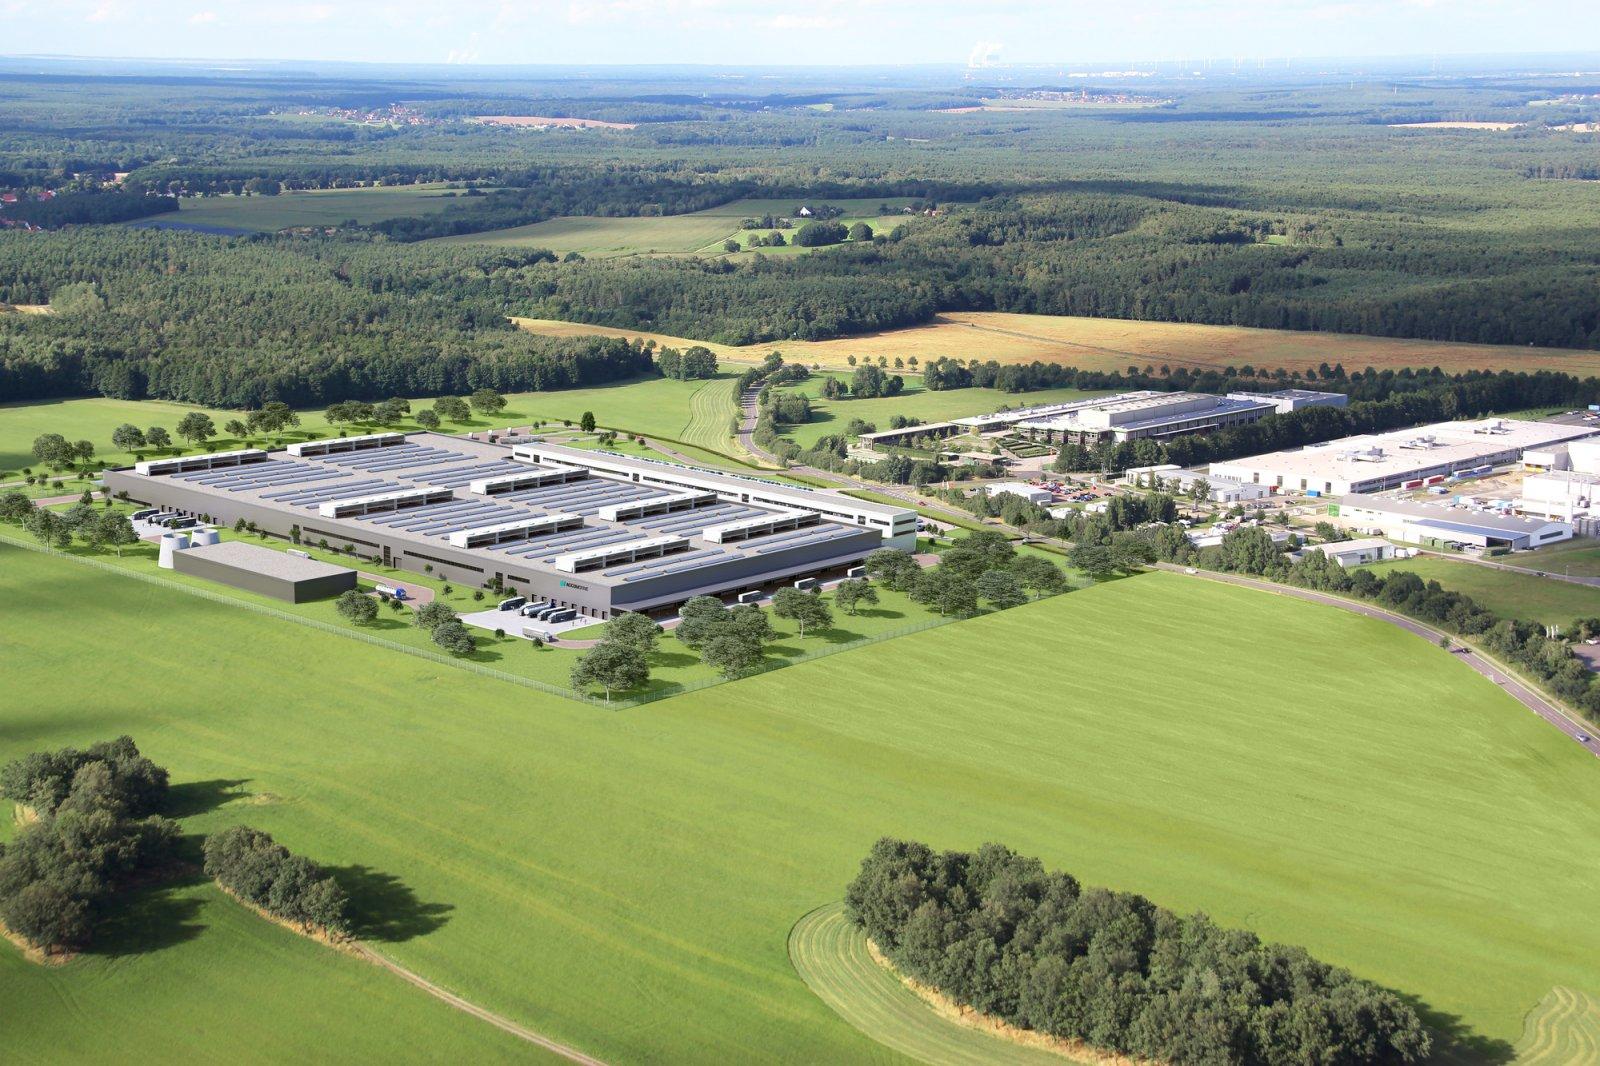 Expansionen i Kamenz fortsätter och fem miljarder kronor investeras i ytterligare en batterifabrik som byggs just nu. Den totala ytan blir mer än 80.000 kvadratmeter